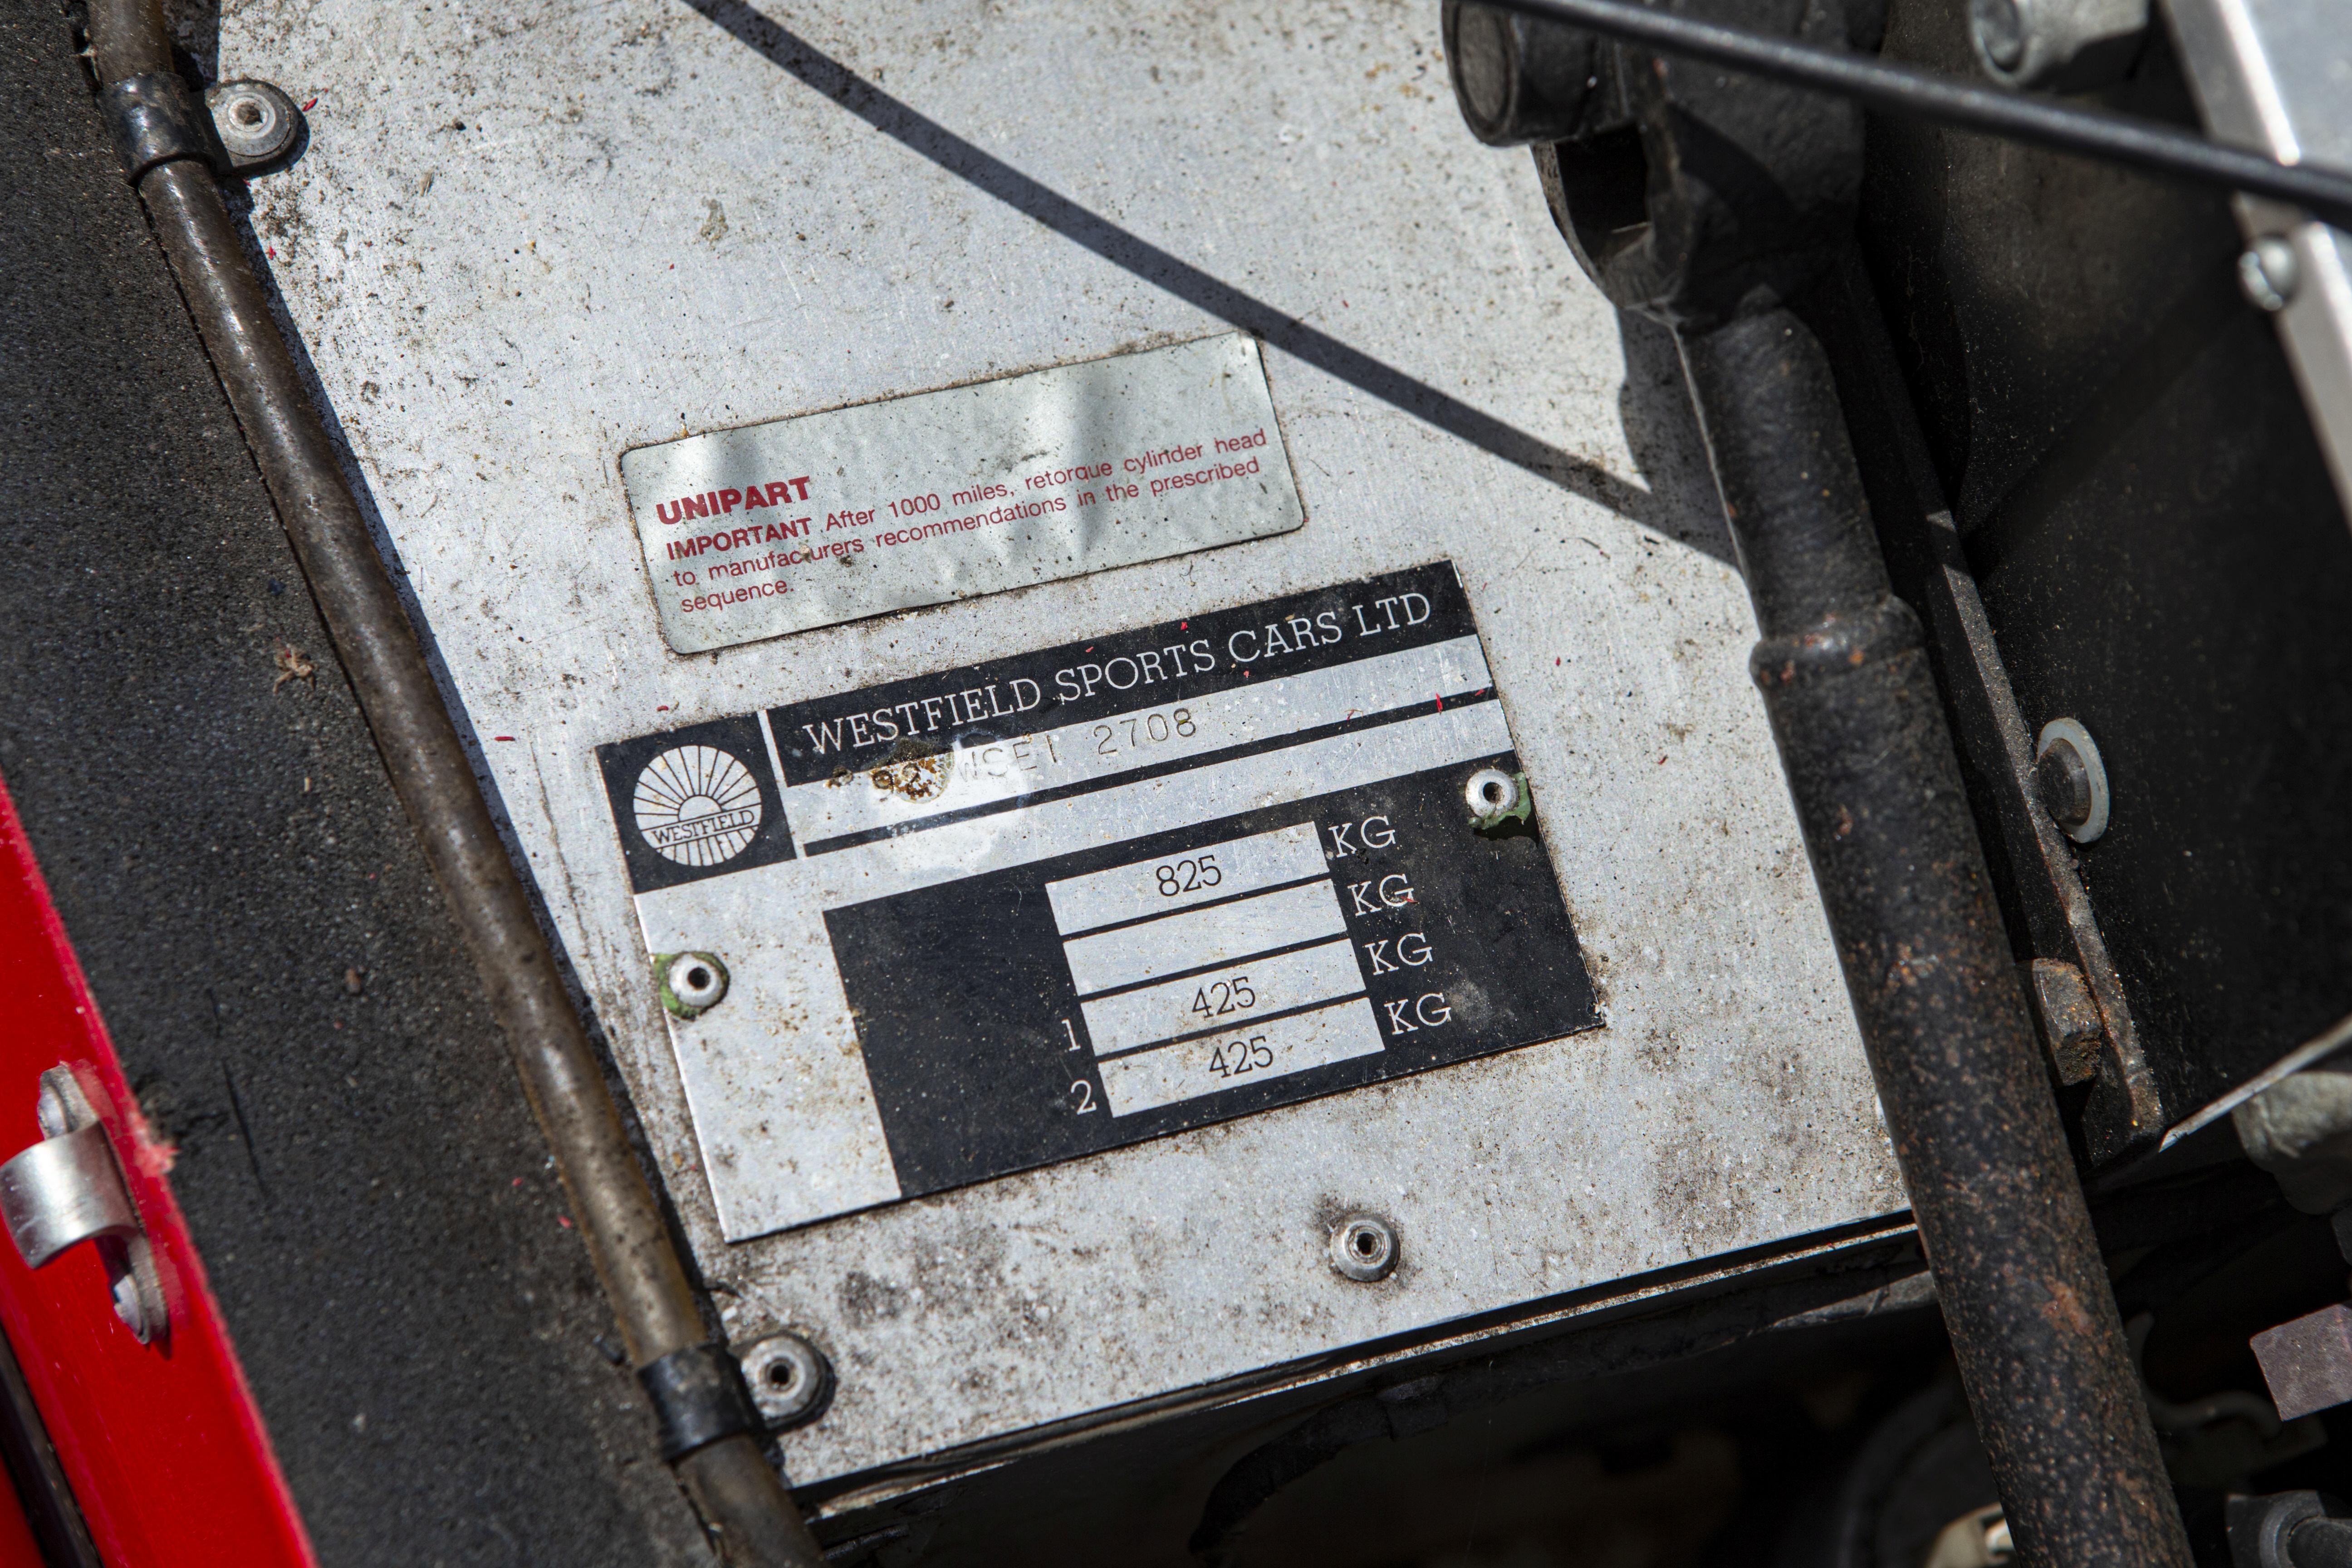 1992 Westfield Chassis no. 92WS1208 - Bild 12 aus 18